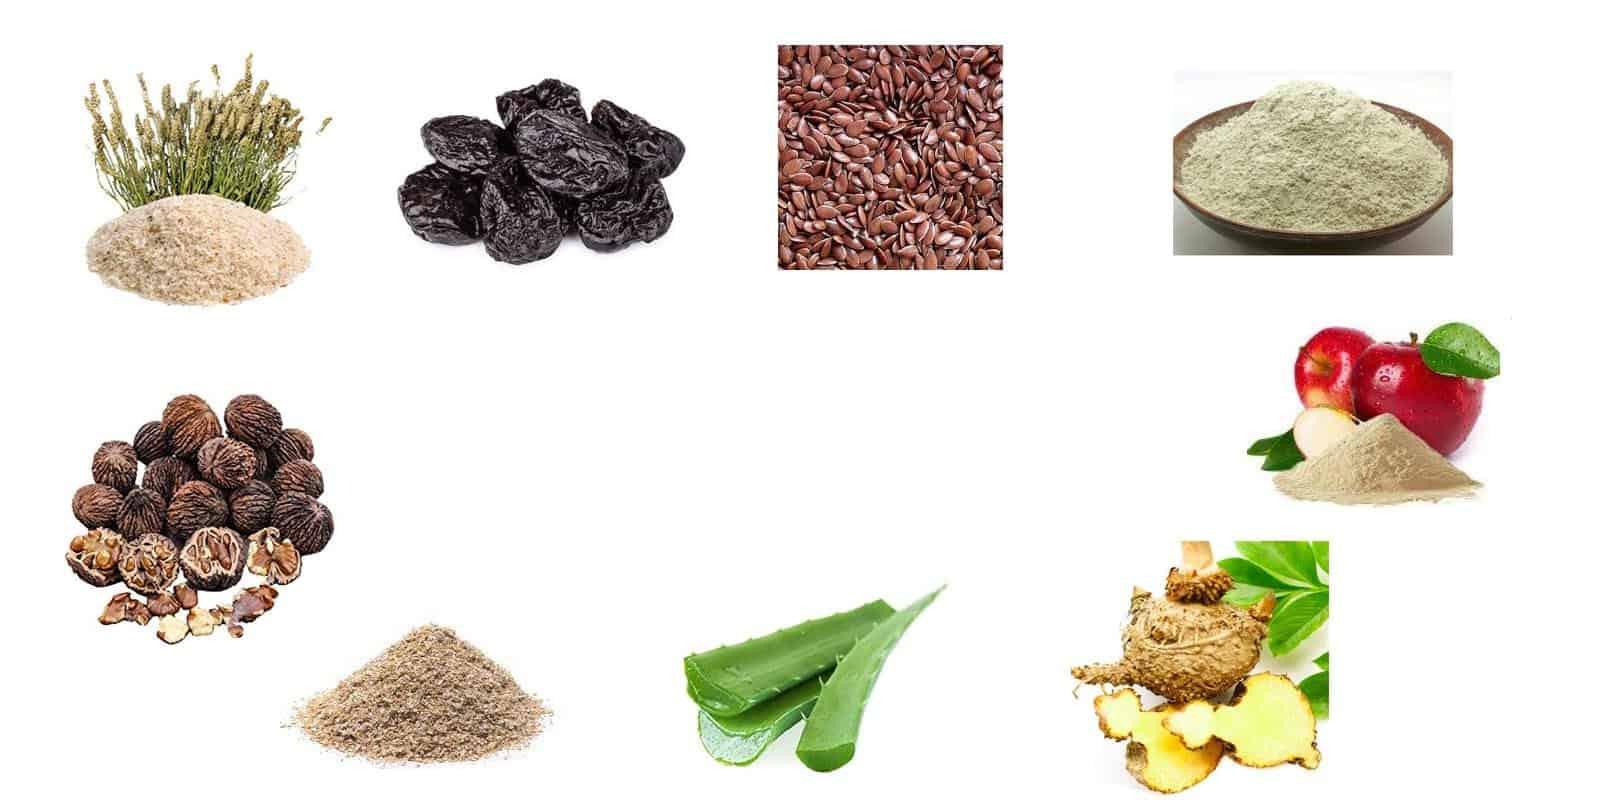 Insulex Ingredients